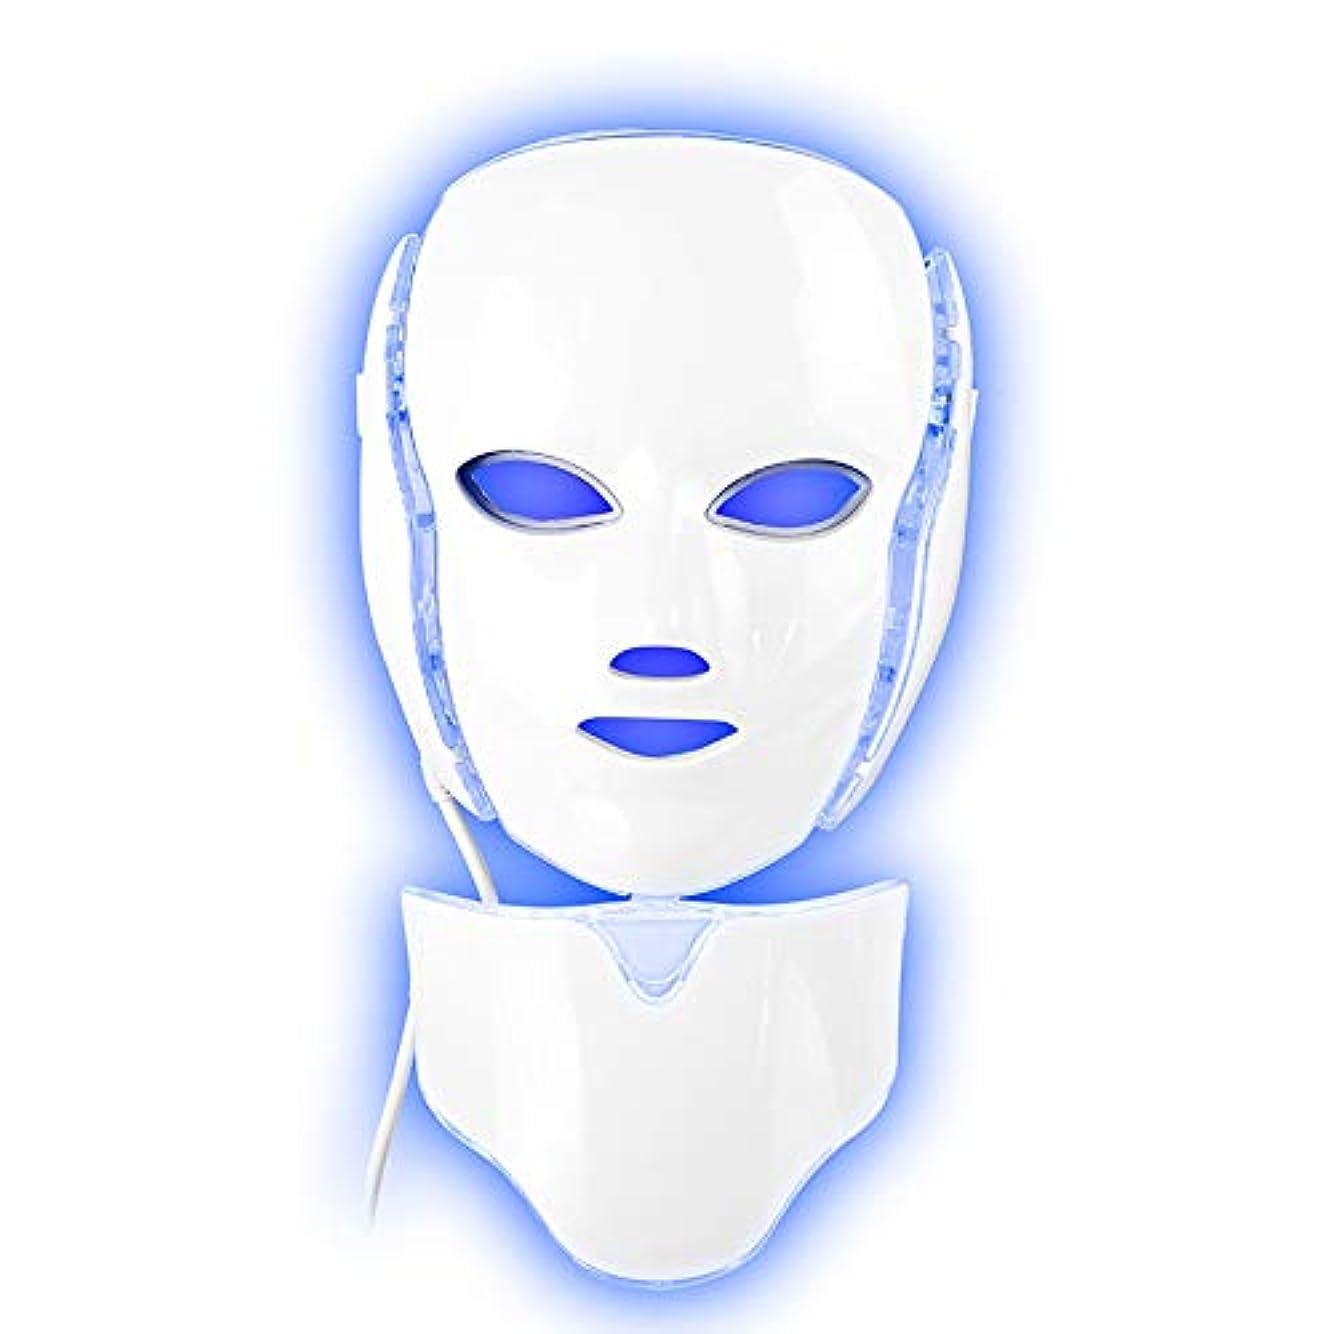 話少なくとも震え7色LEDライトフェイシャルマスクアンチニキビ治療肌ネックマスクセットで楽器を締めます